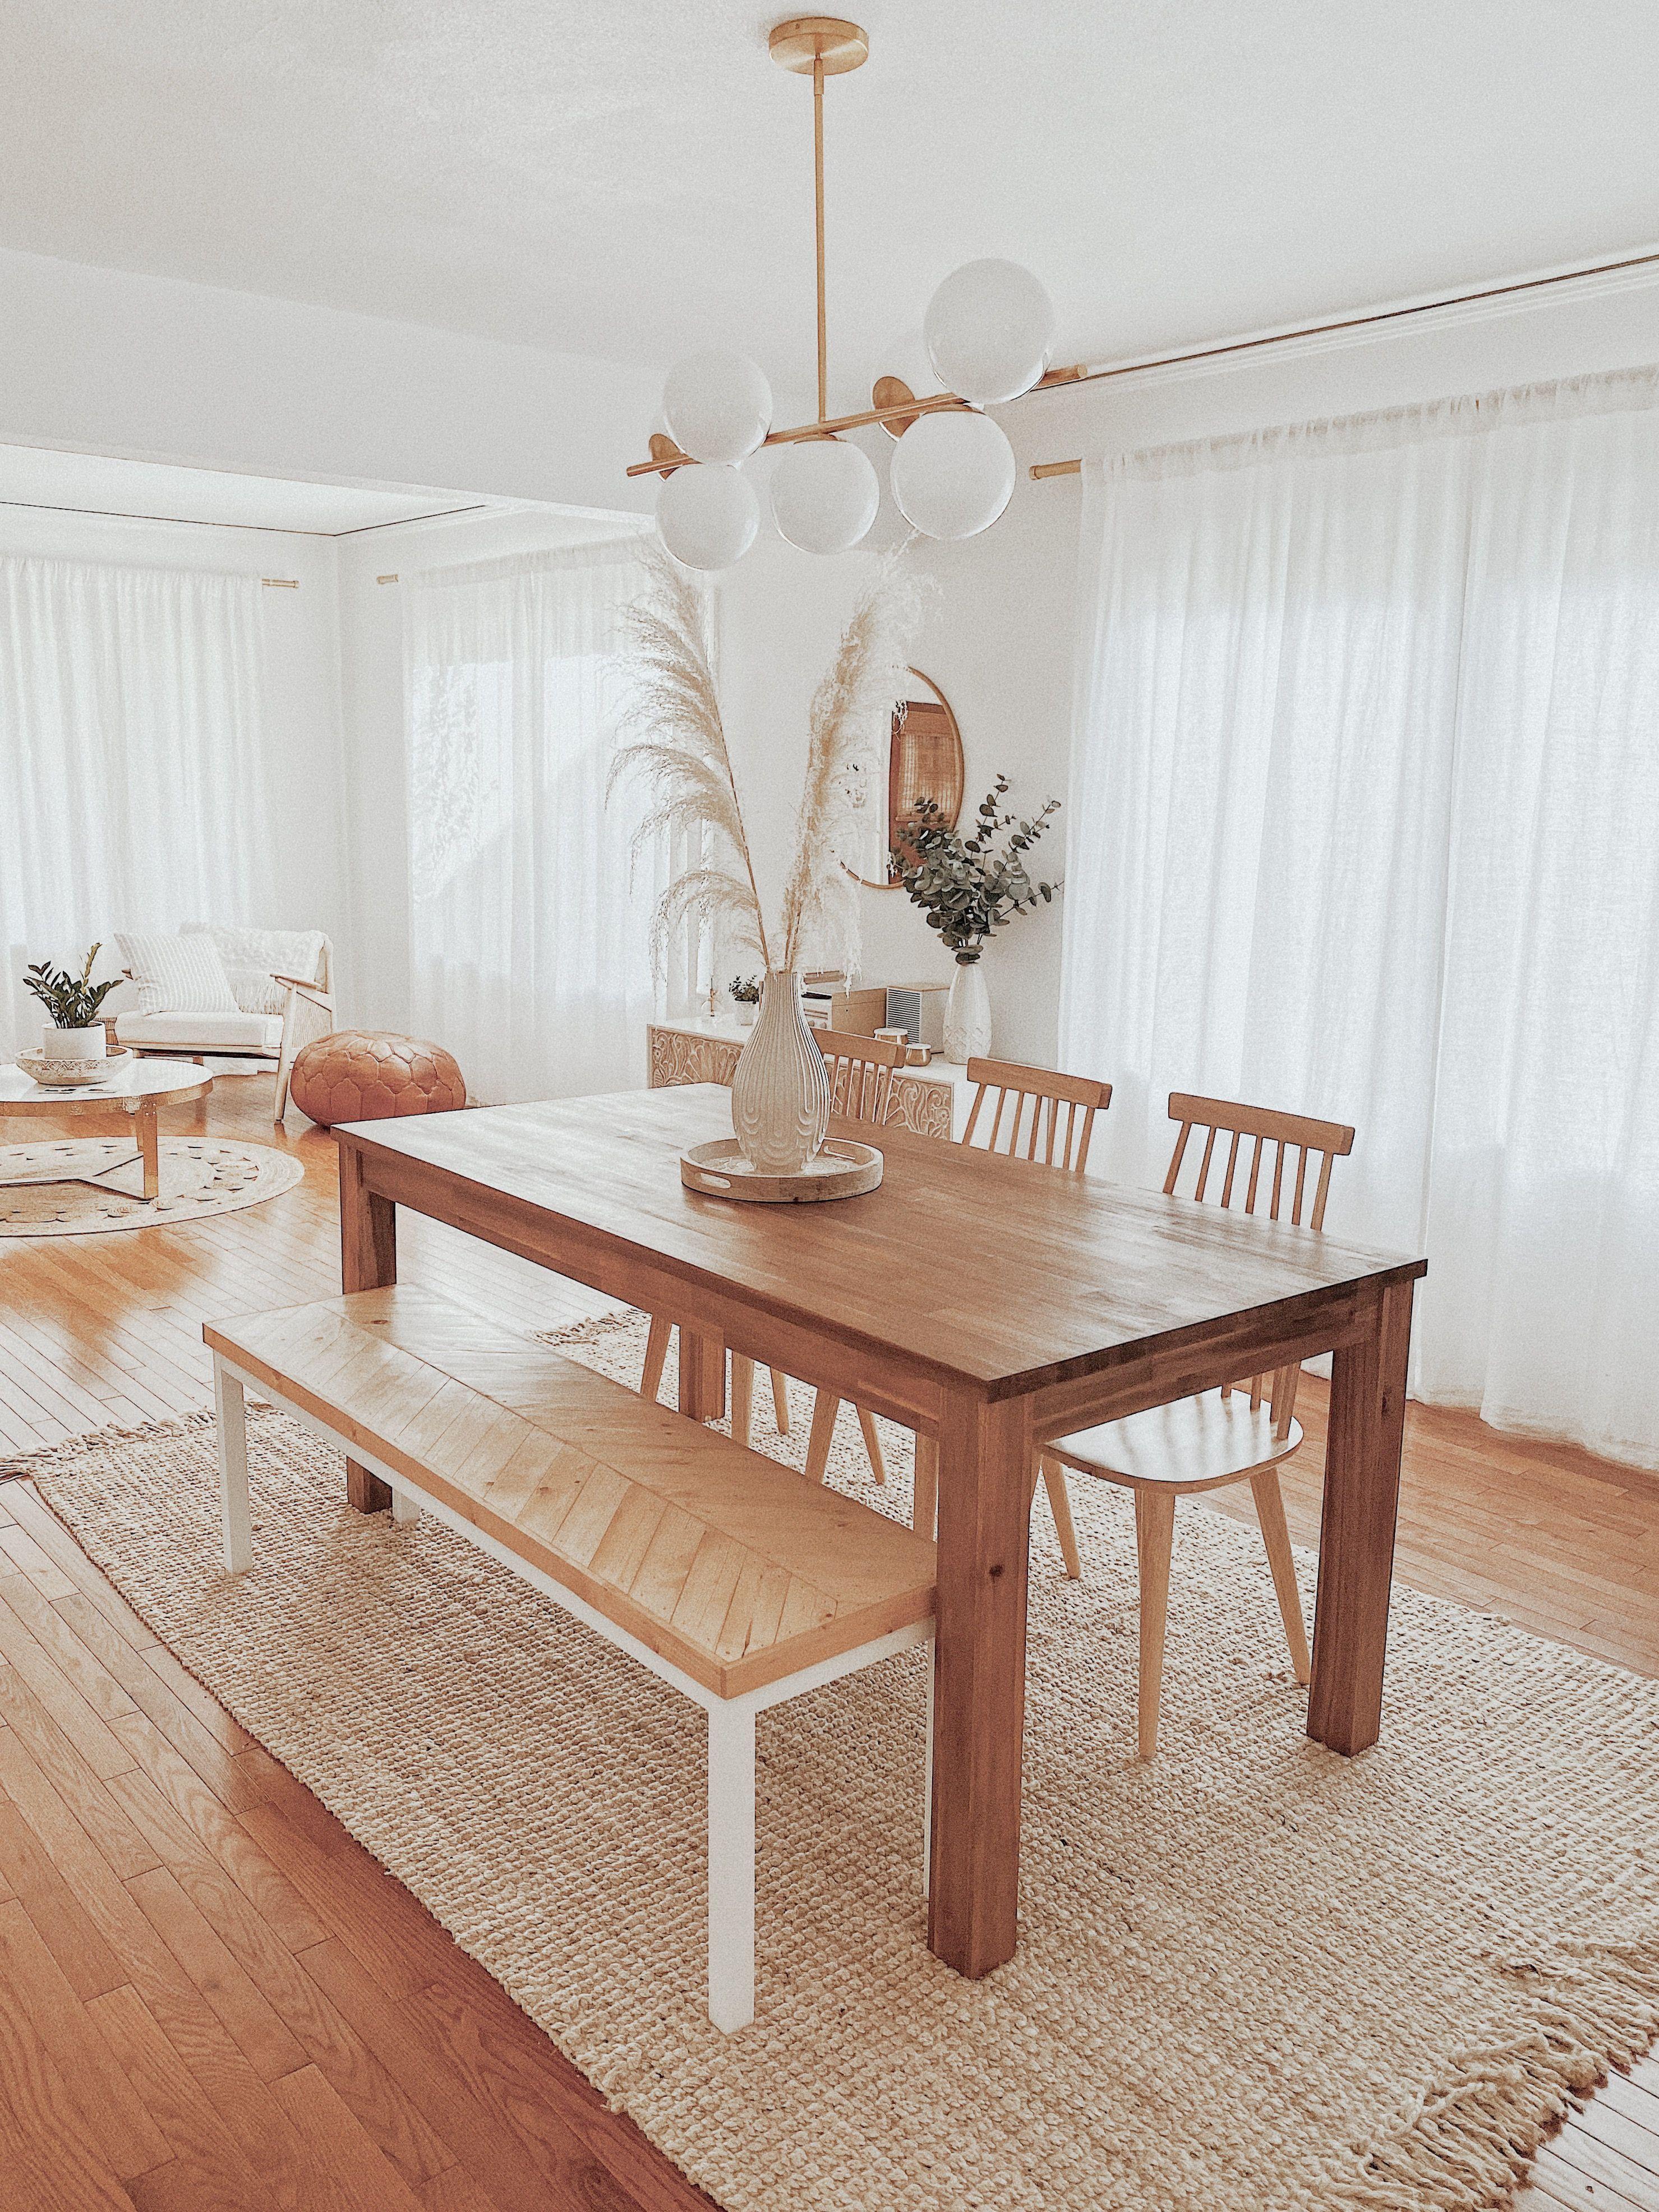 Boho Bohemian White Wood Cozy Dining Room Living Space Home Decor Interior Ideas Inspo Bohemianwohn Dining Room Cozy Boho Dining Room Luxury Dining Room Cozy dining room decorating